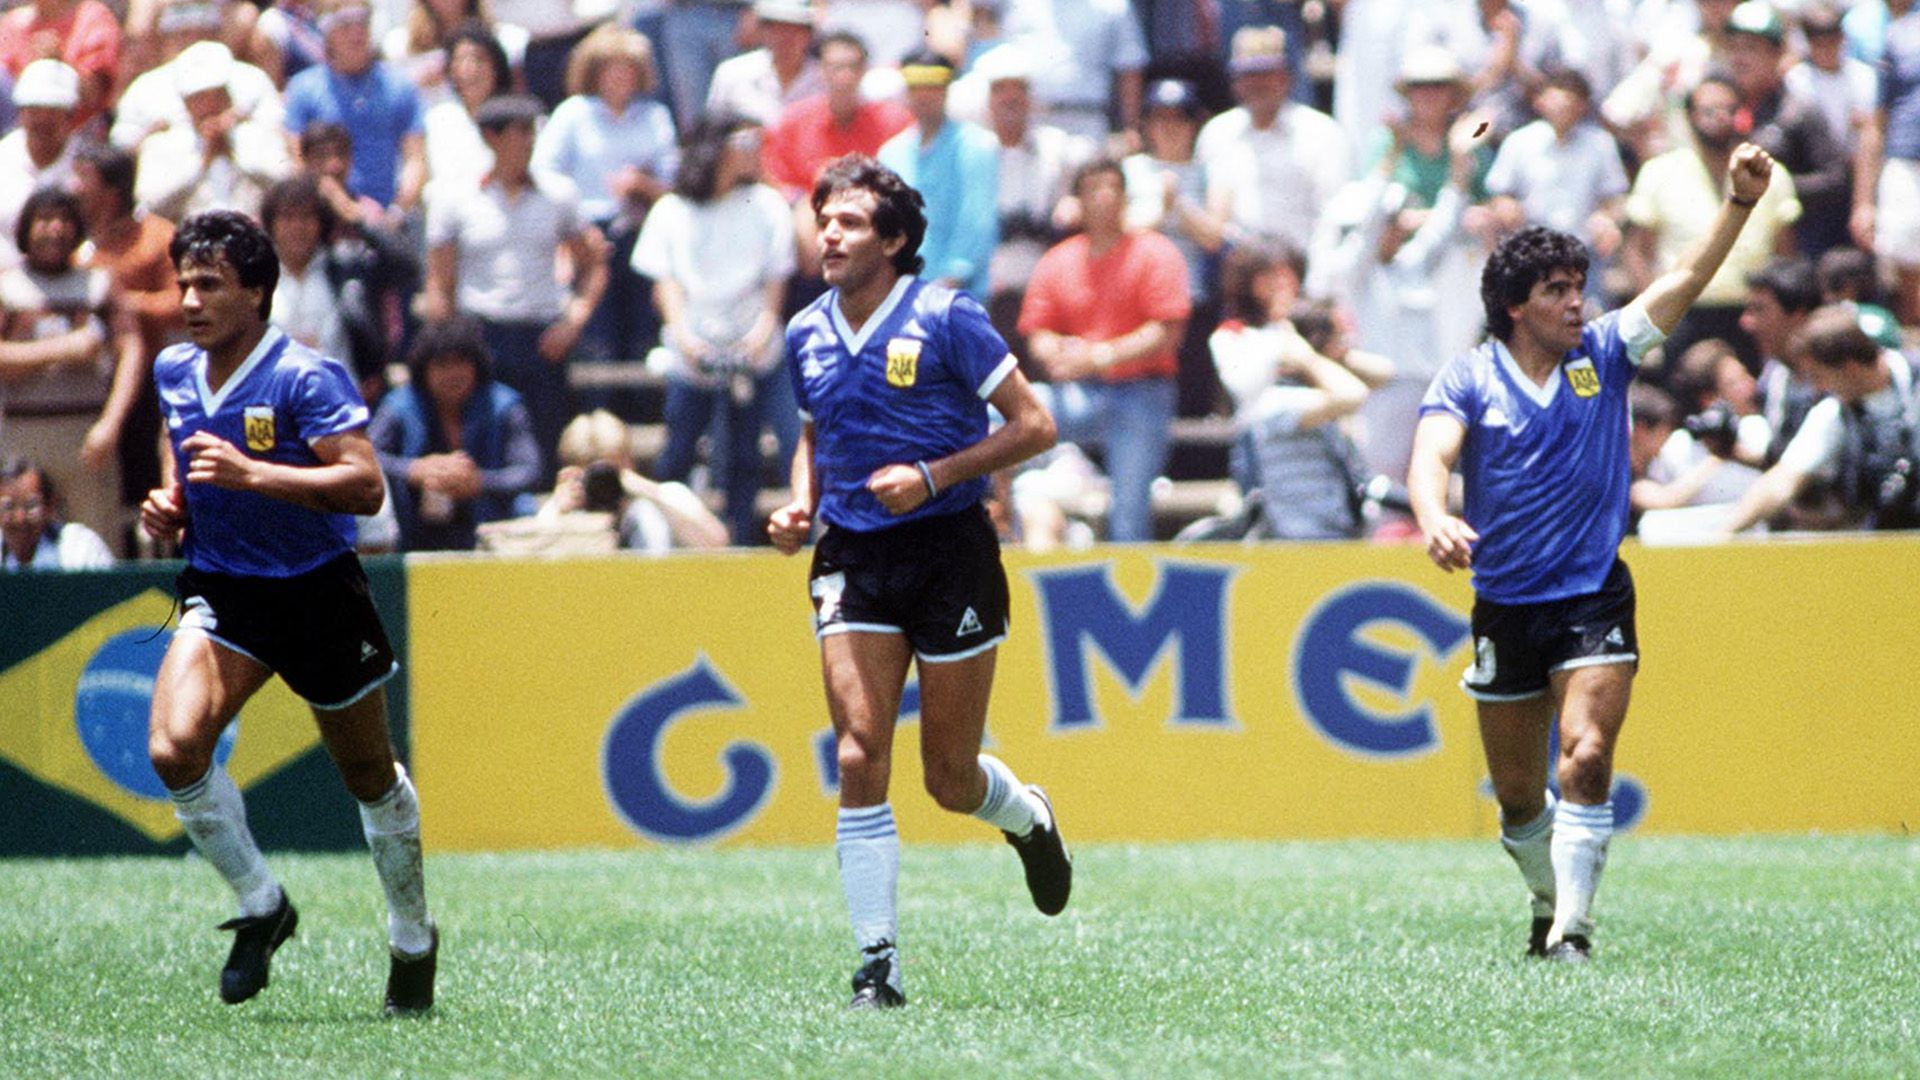 Negro Enrique, Jorge Burruchaga y Diego Maradona tras el segundo gol de Diego a Inglaterra en los cuartos de final de la Copa del Mundo México 1986 (Credit: Photo by Colorsport/Shutterstock)